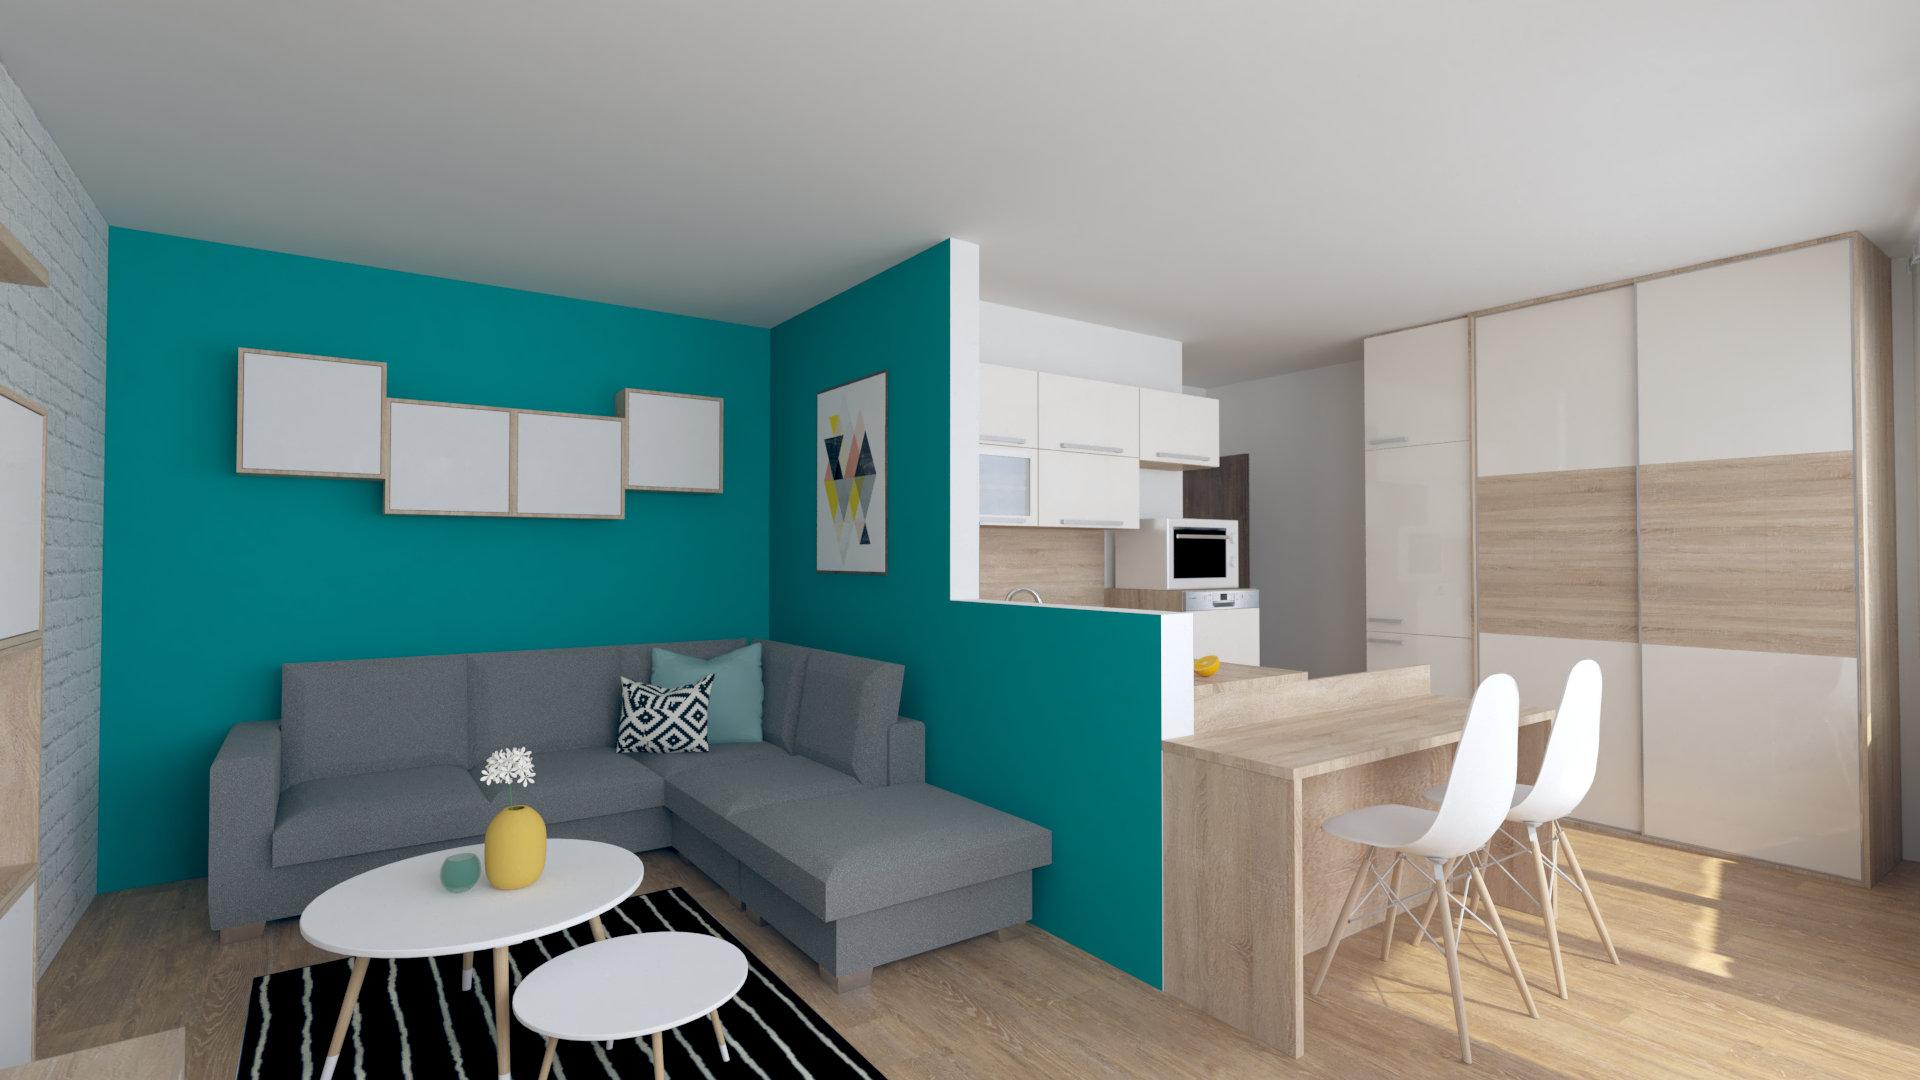 Jednoizbový byt návrh obývacej izby